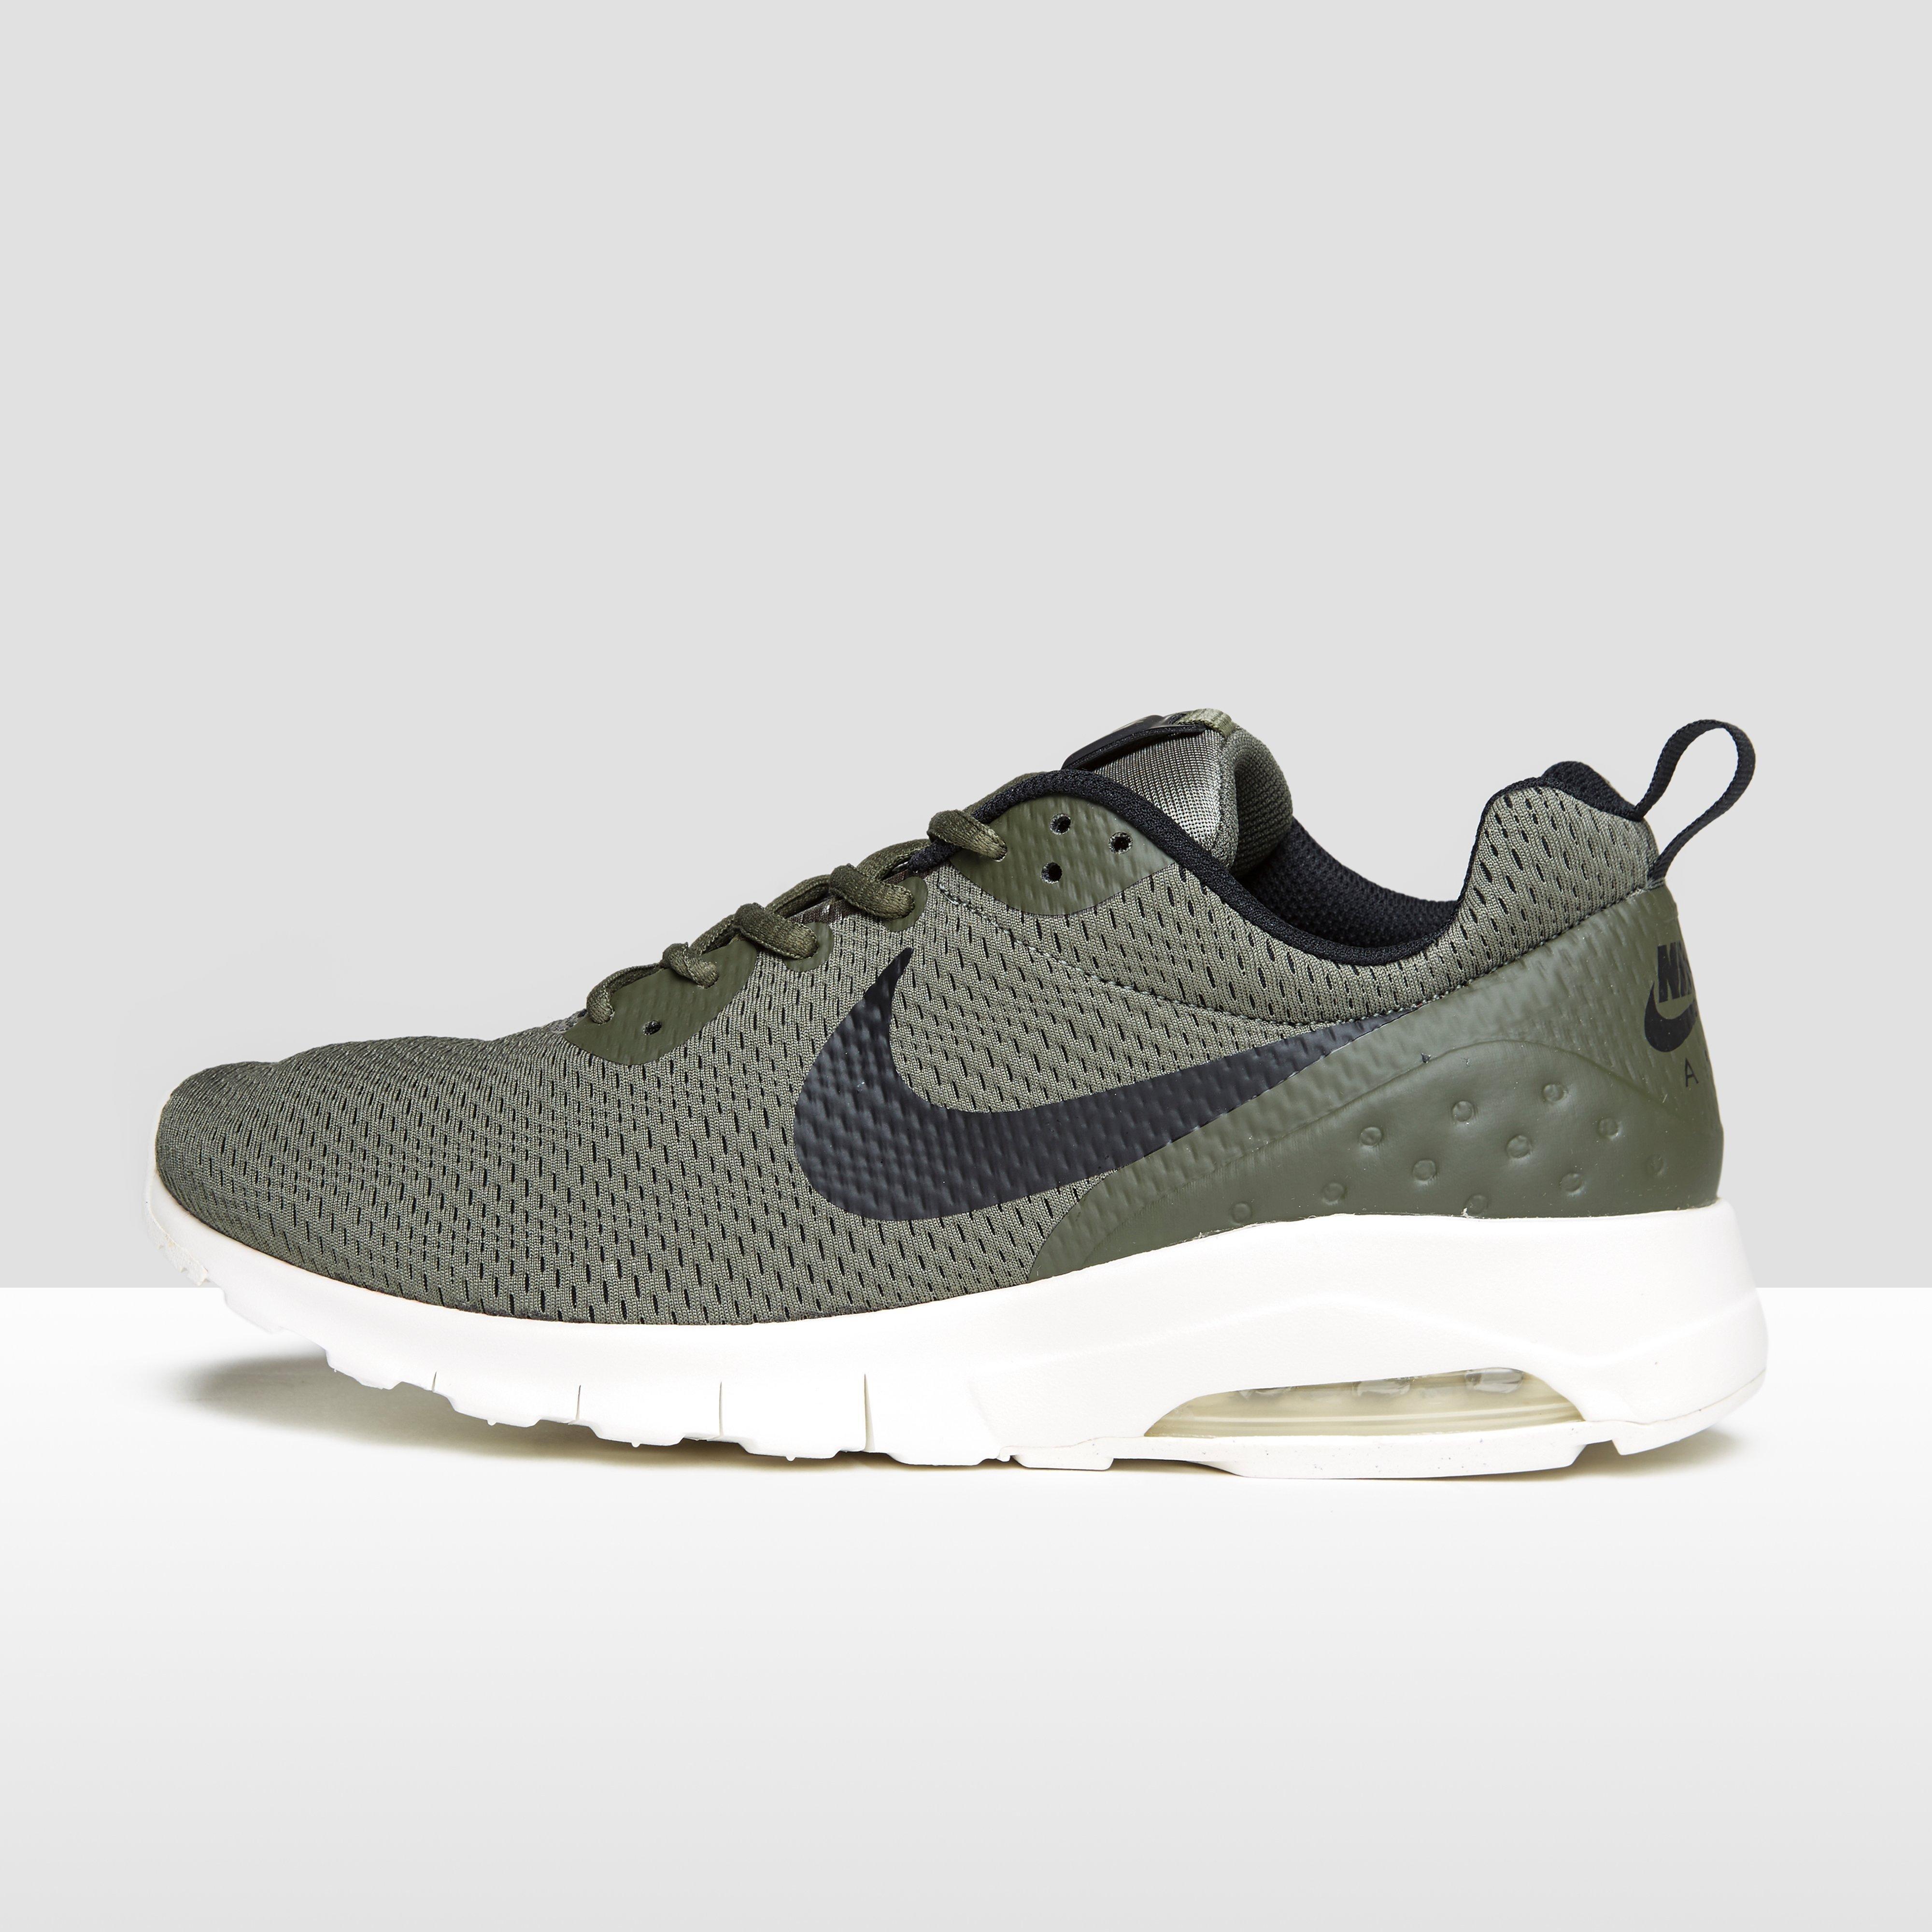 Mouvement Air Max Lw Se Chaussures De Sport Nike BCfbW2